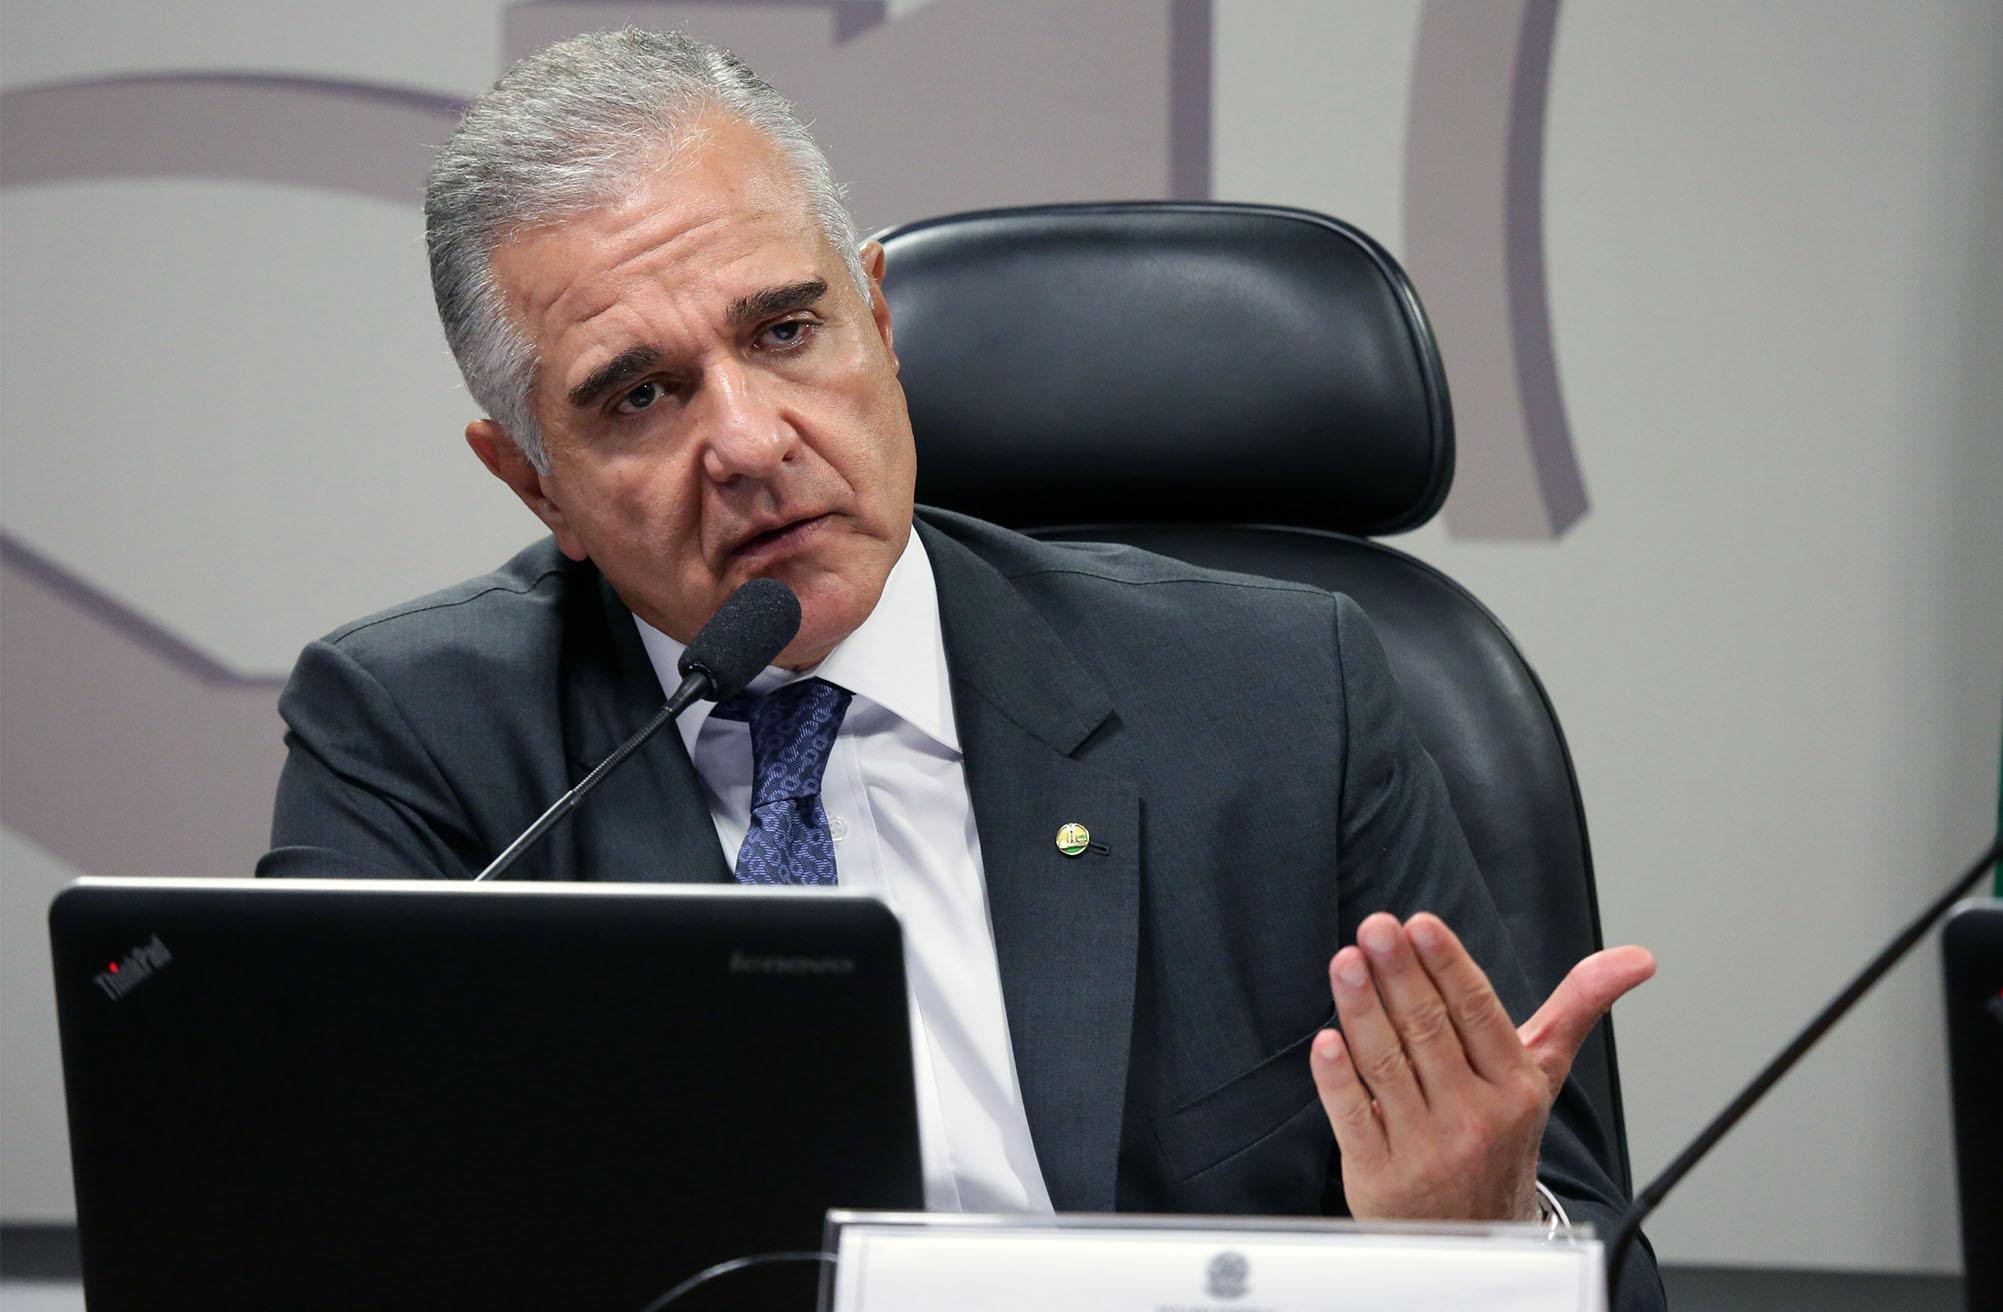 Reunião sobre a MP 811/17, que autoriza empresa pública a vender diretamente petróleo do pré-sal da União. Dep. Julio Lopes (PP - RJ)